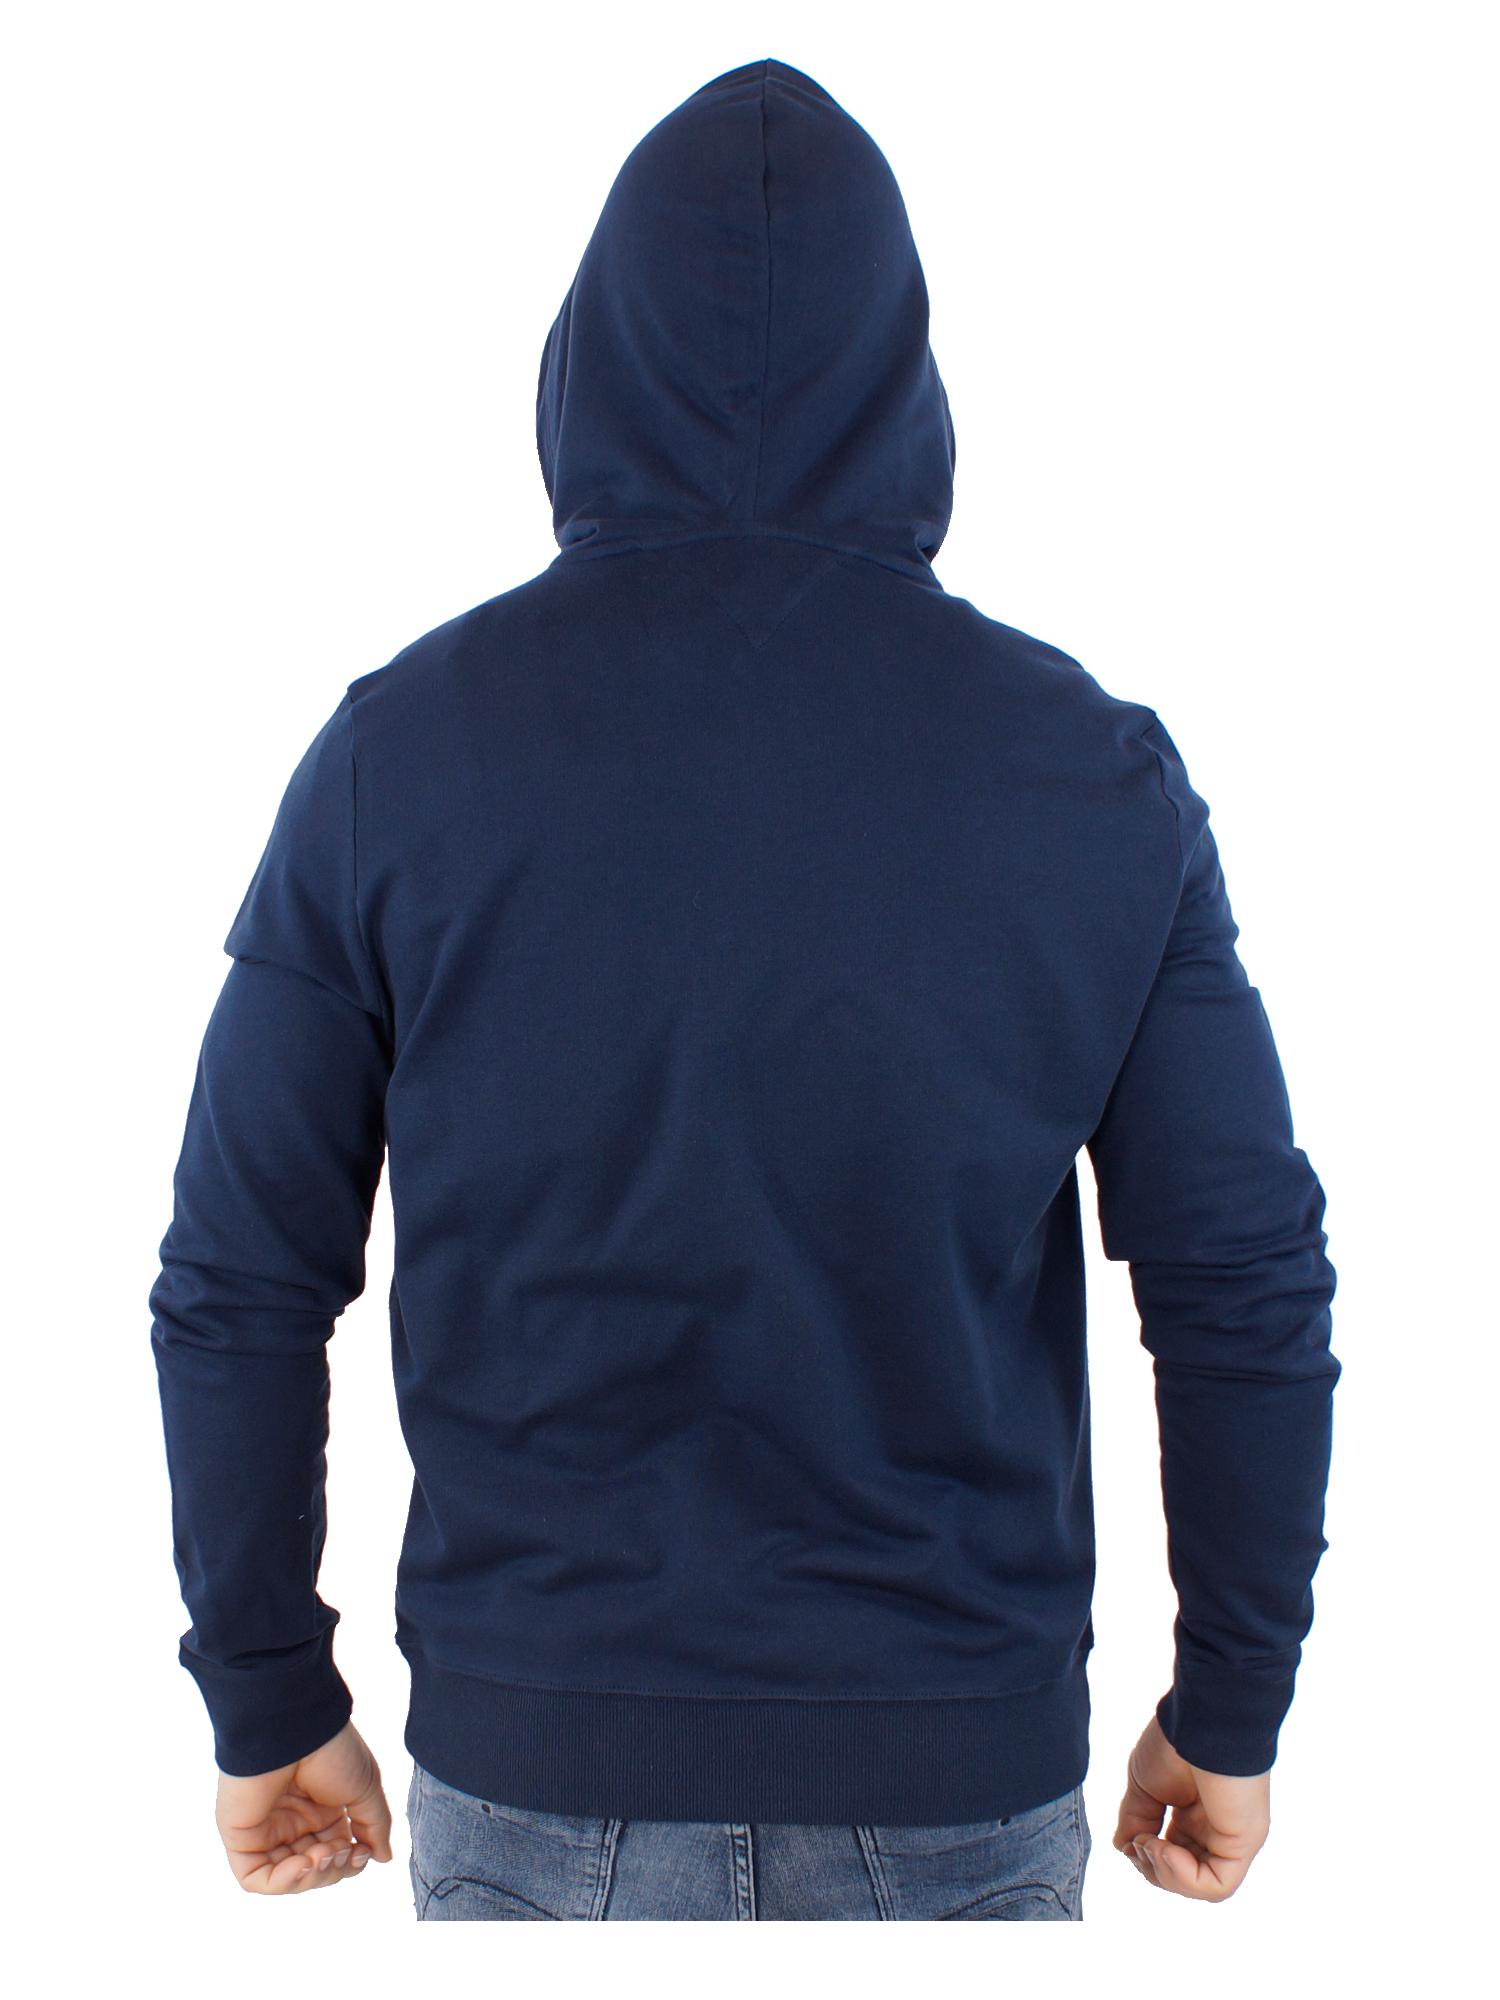 Tommy Hilfiger Jacke Herren Hoodie FZ LWK UM0UM01611 416 Gr. M Blau